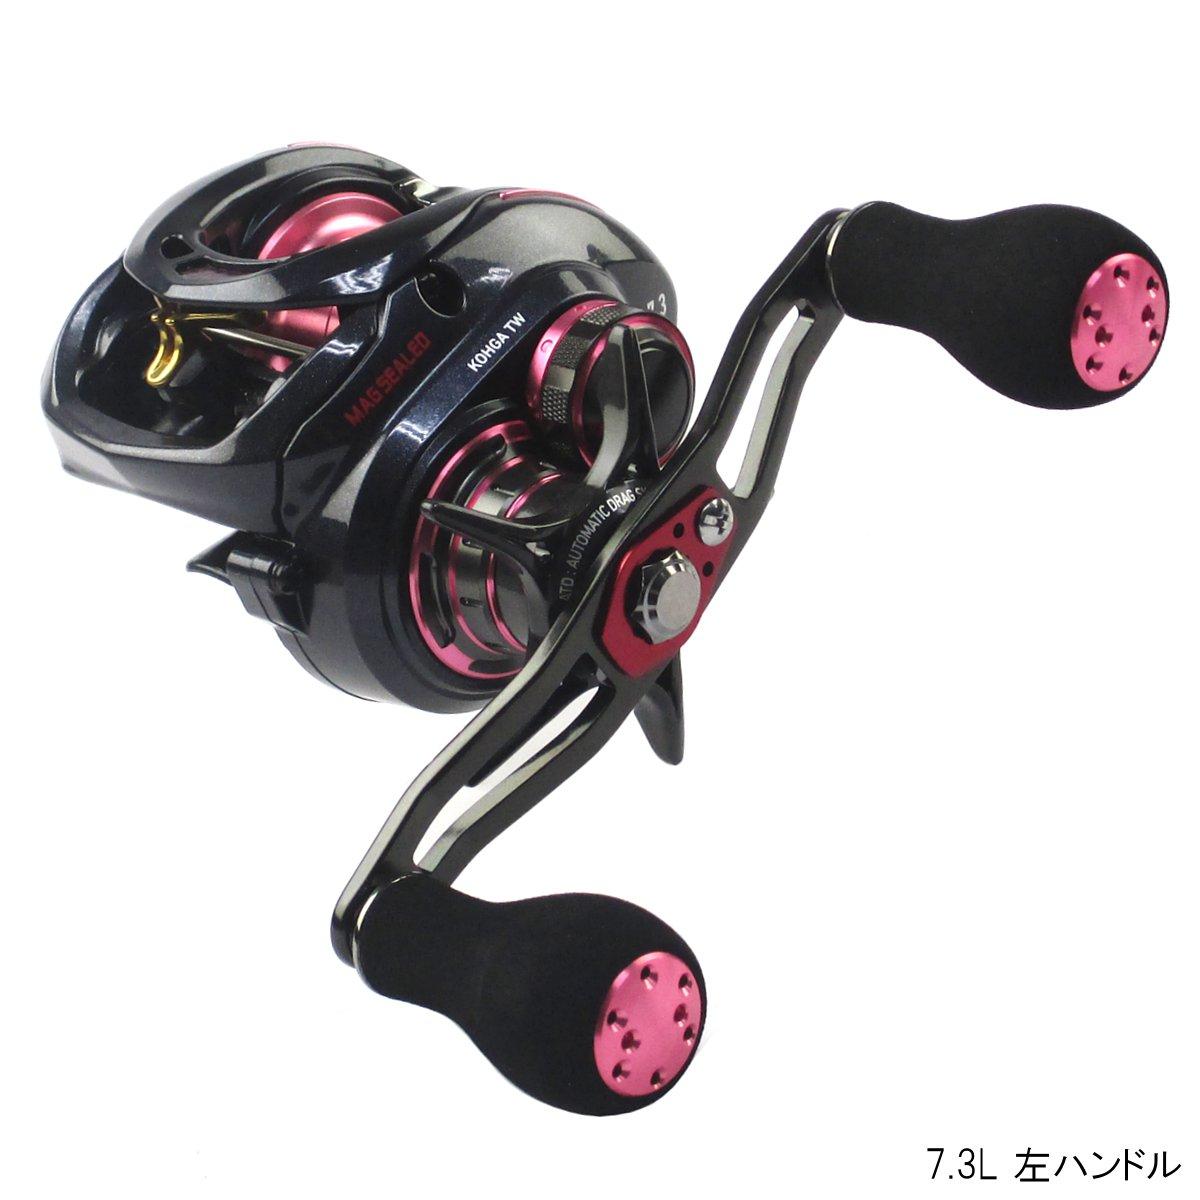 ダイワ 紅牙 TW 7.3L 左ハンドル(東日本店)